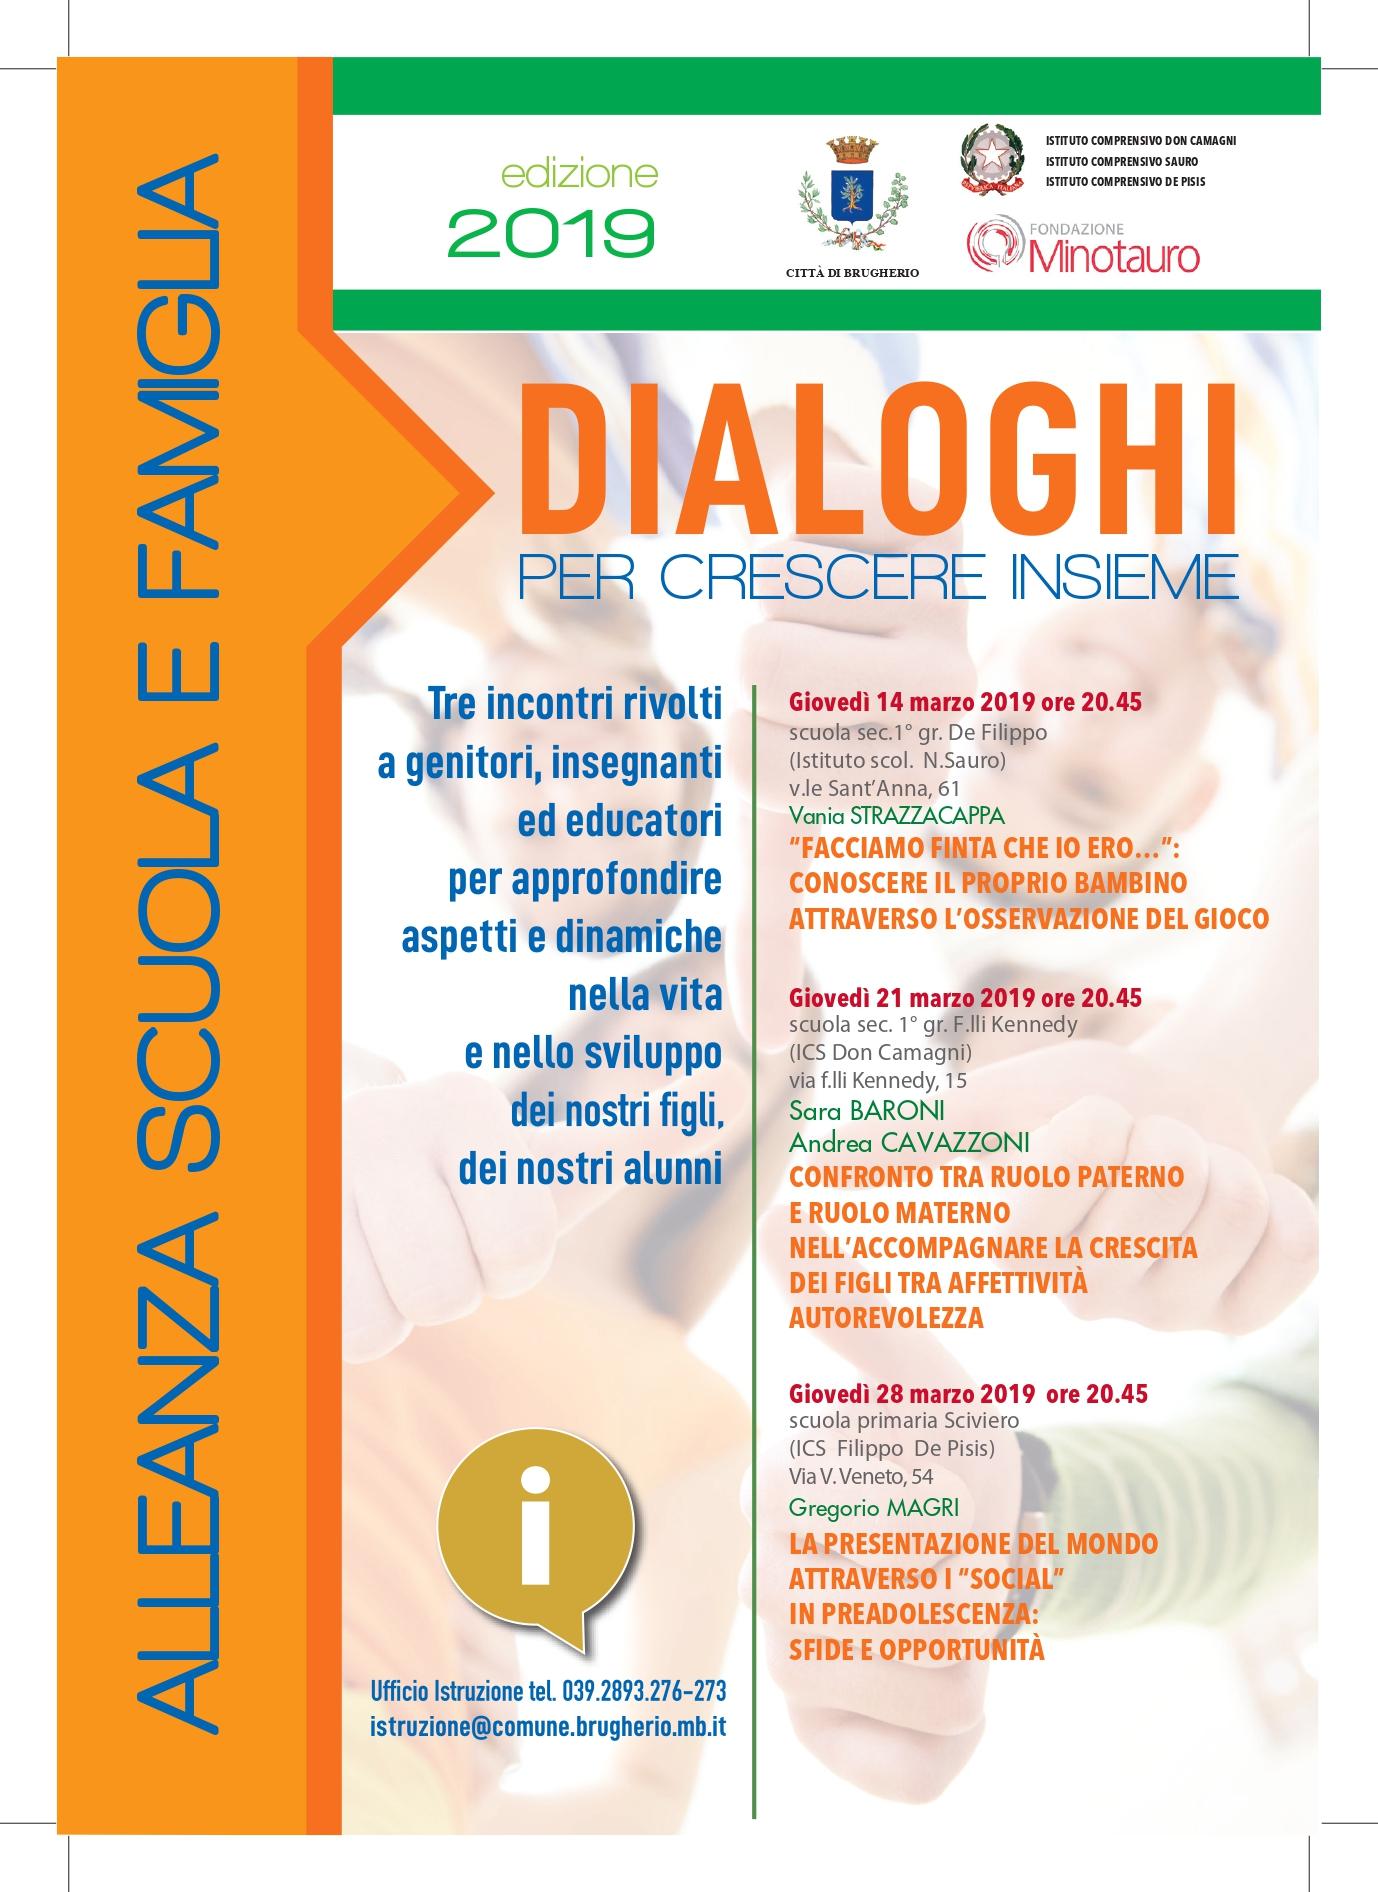 volantino-Alleanza-scuola-e-famiglia-2019_pages-to-jpg-0001.jpg